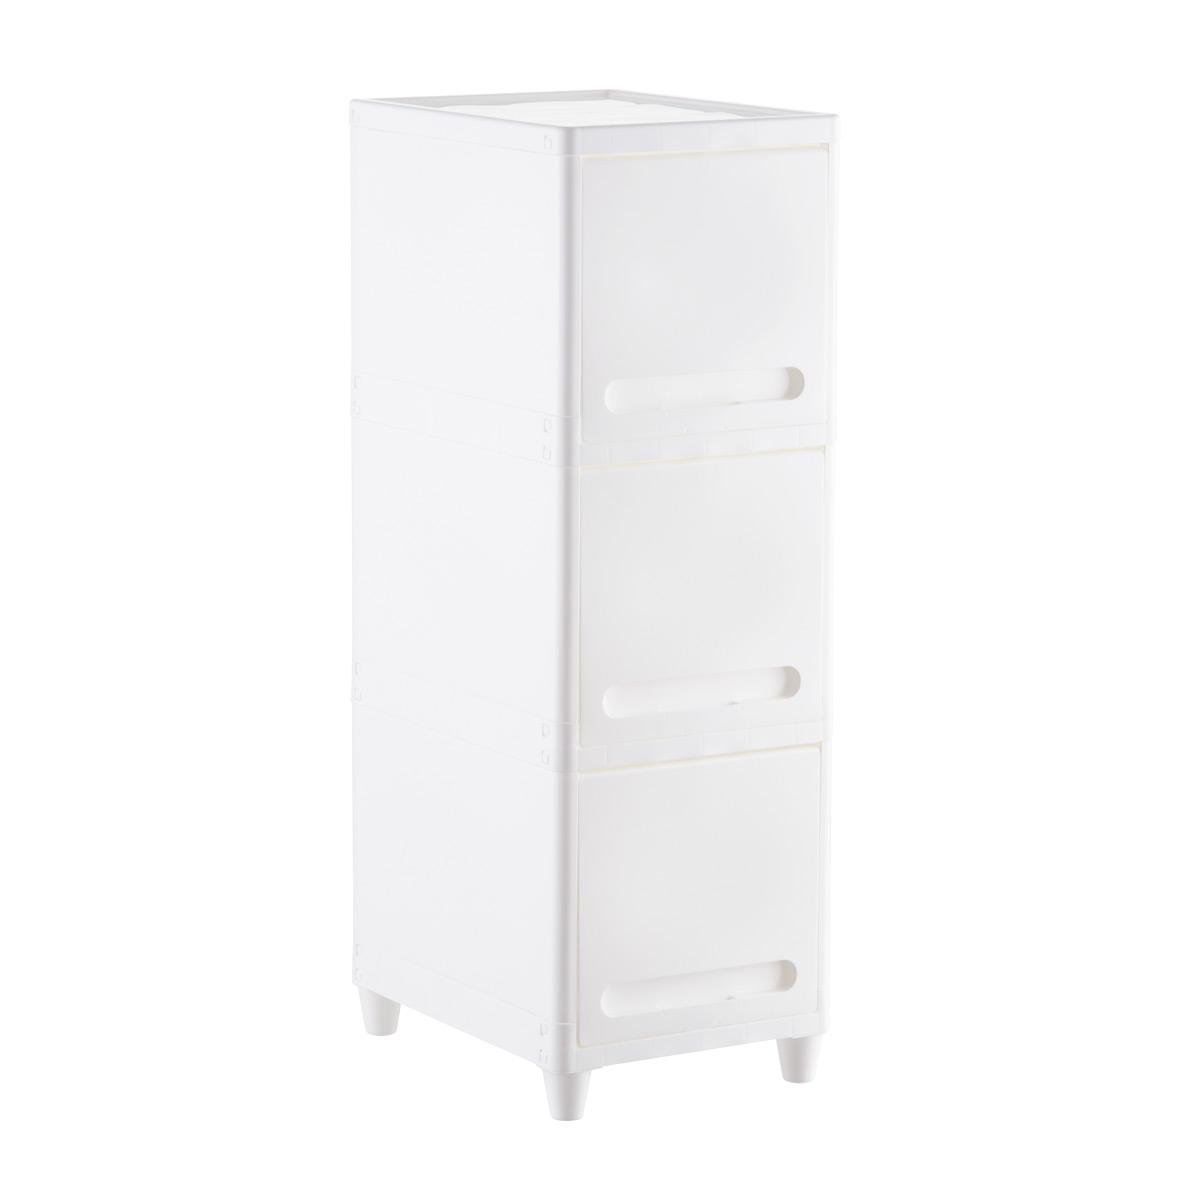 StorageCube w/Retractable Door